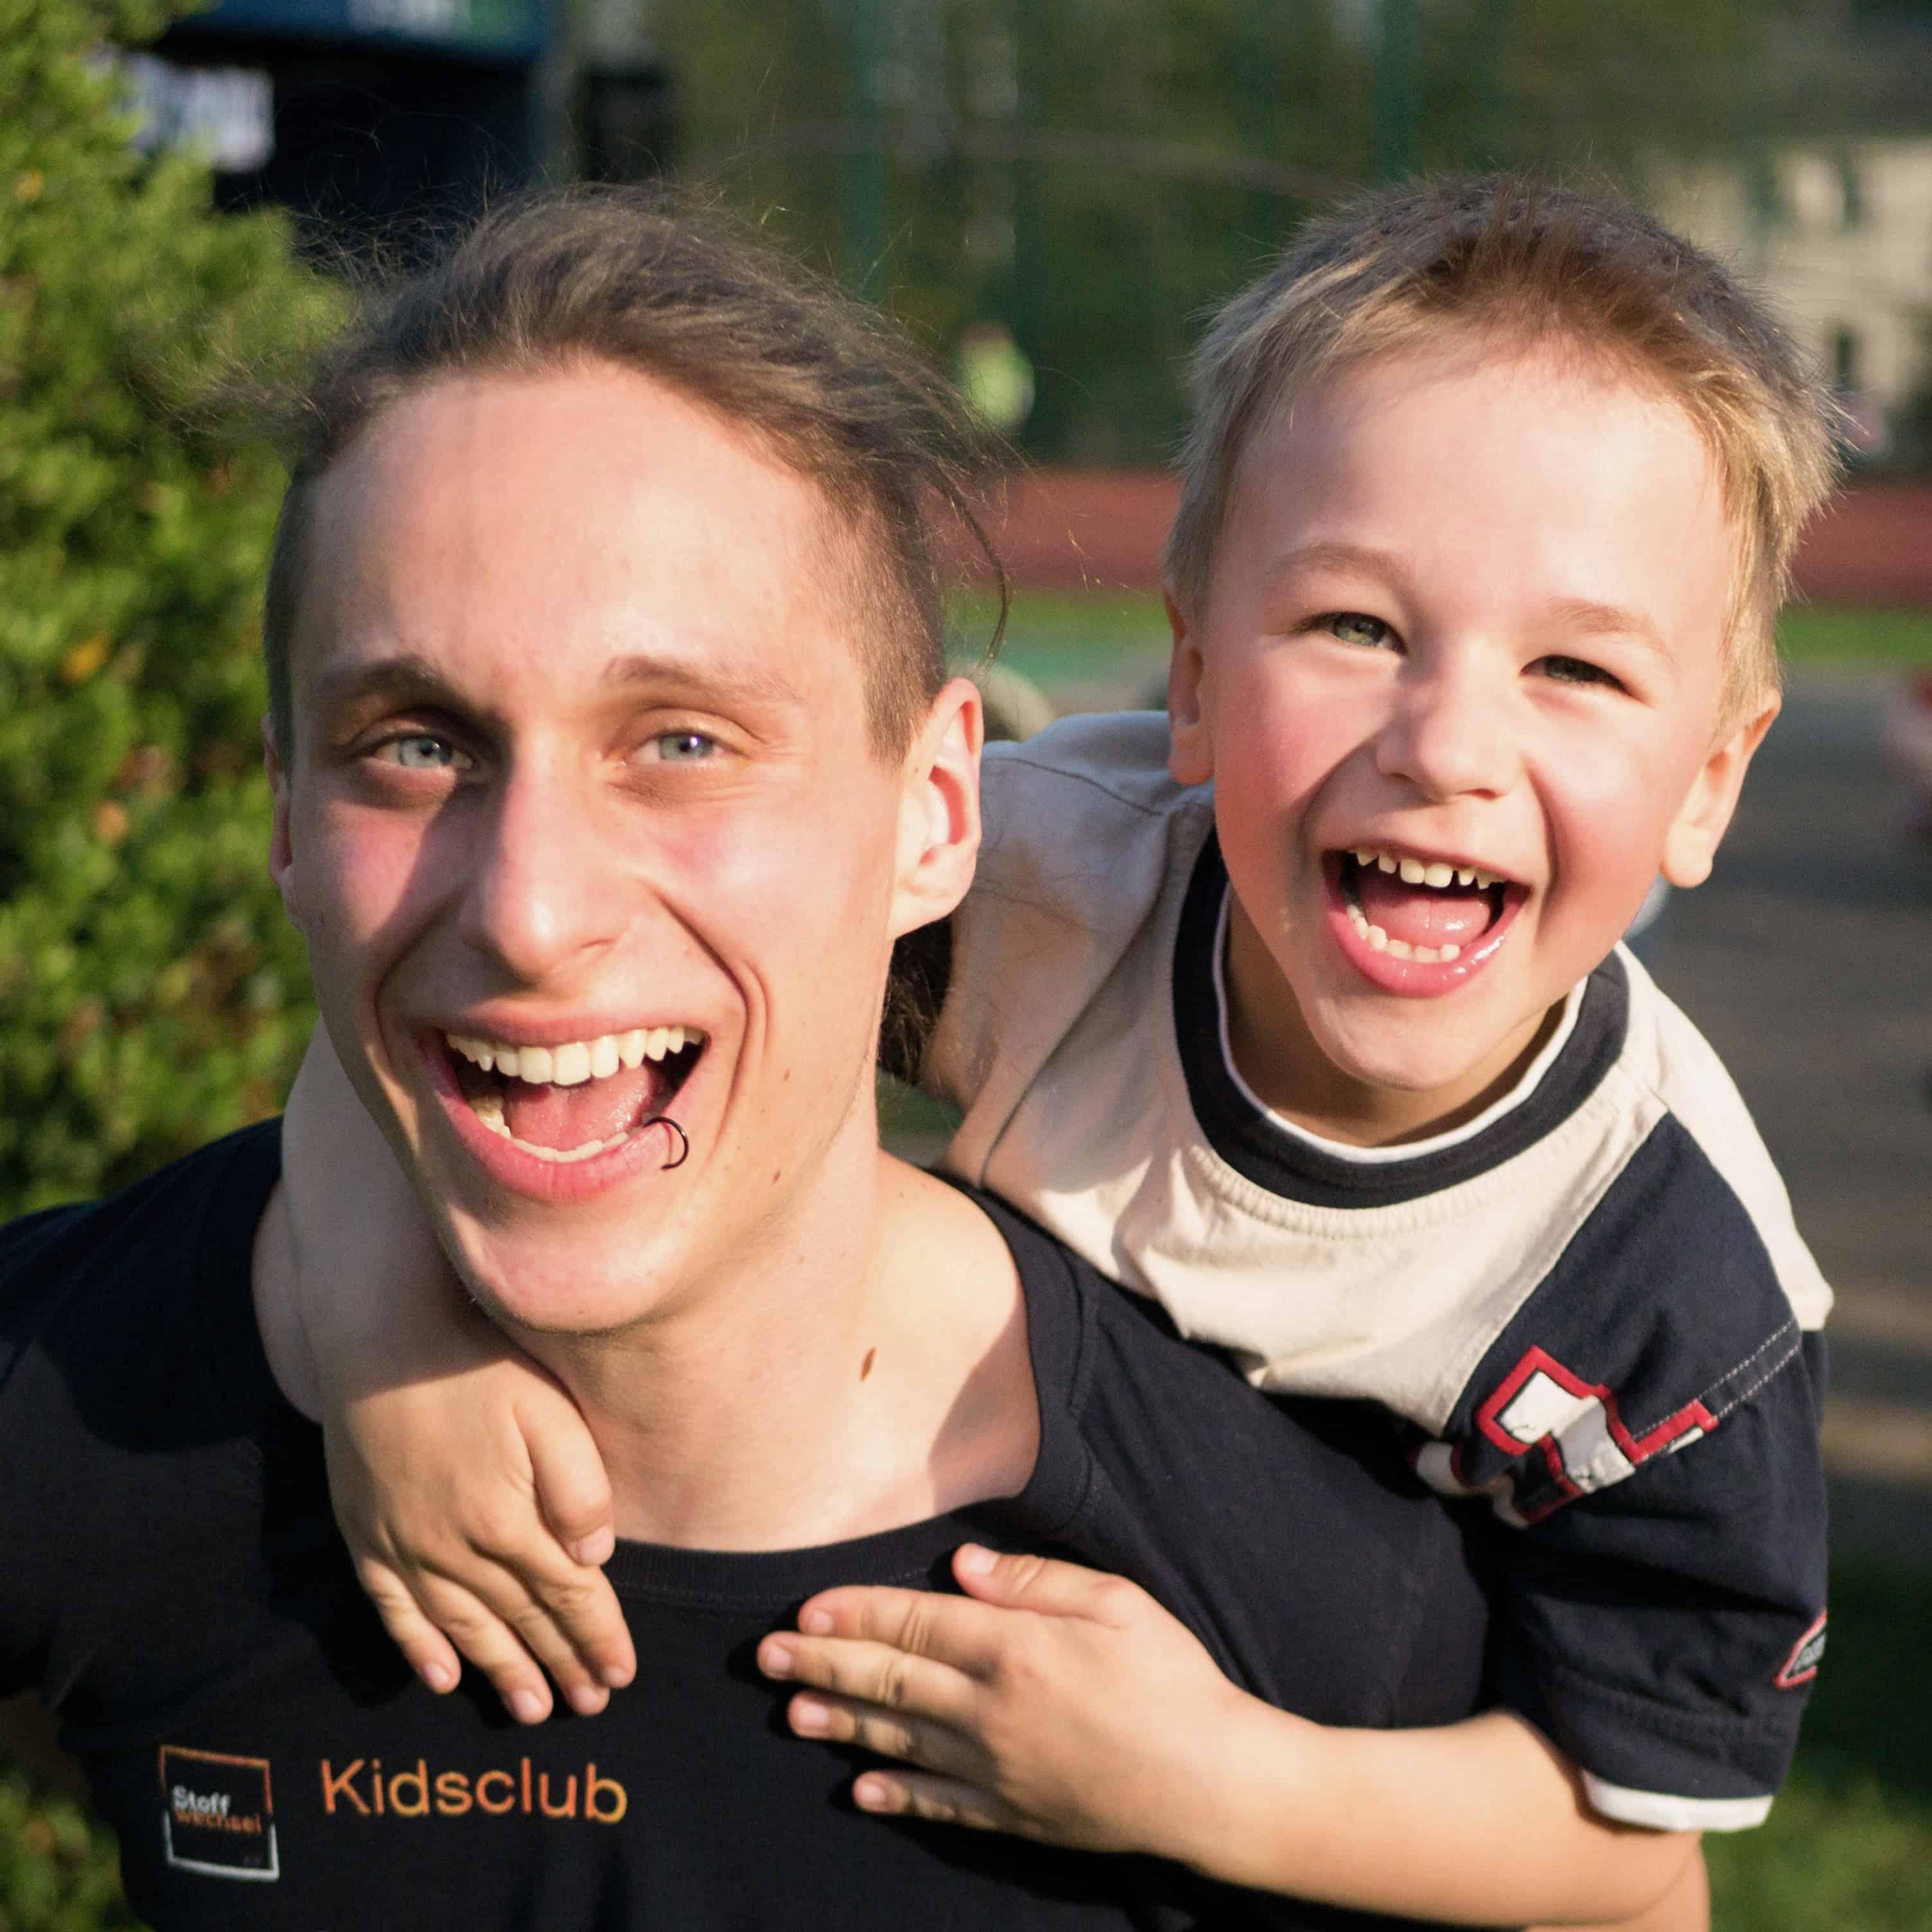 Freweiwilligendienst. Ein FSJler und ein Kind. Stoffwechsel - Fsj bei uns